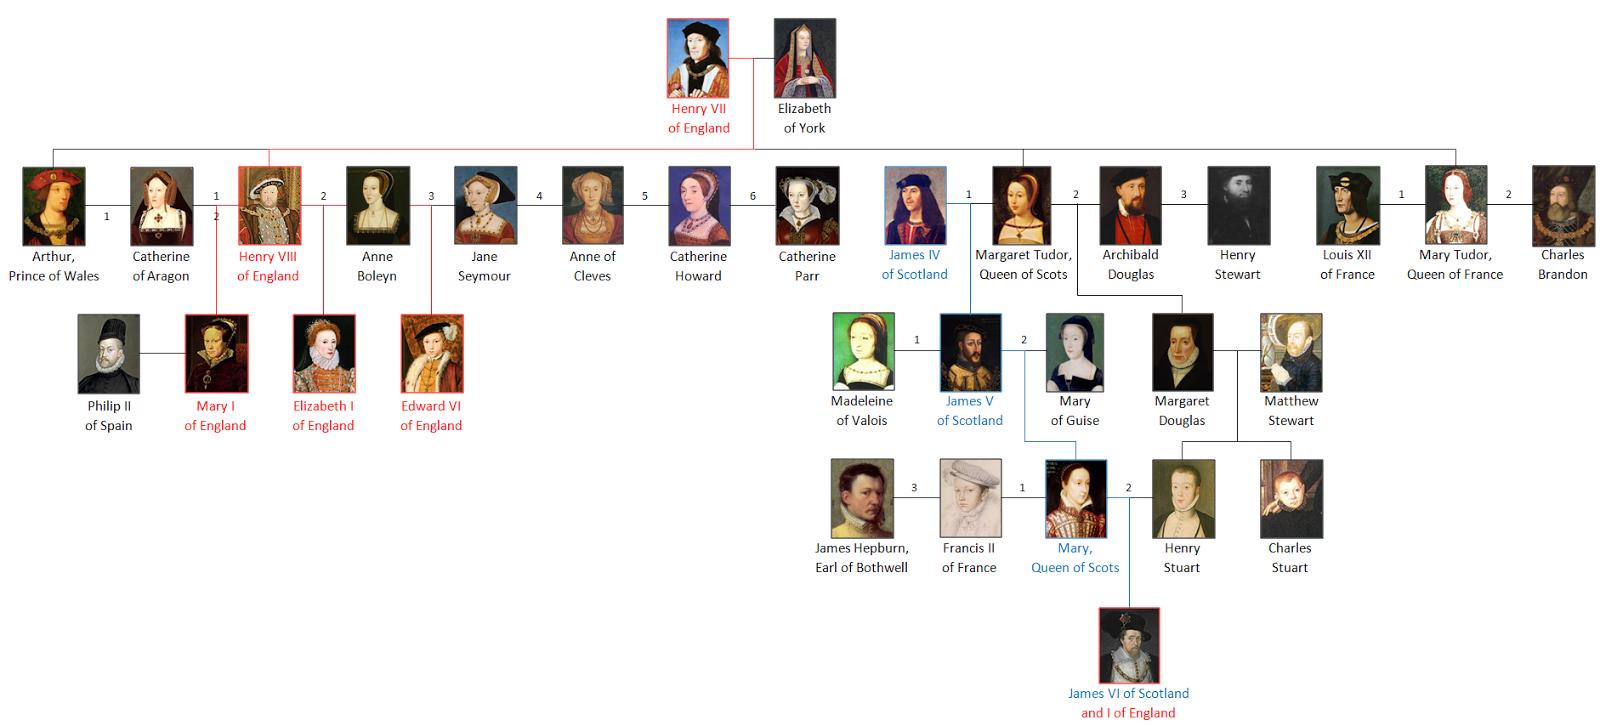 Children Of Mary Queen Of Scots